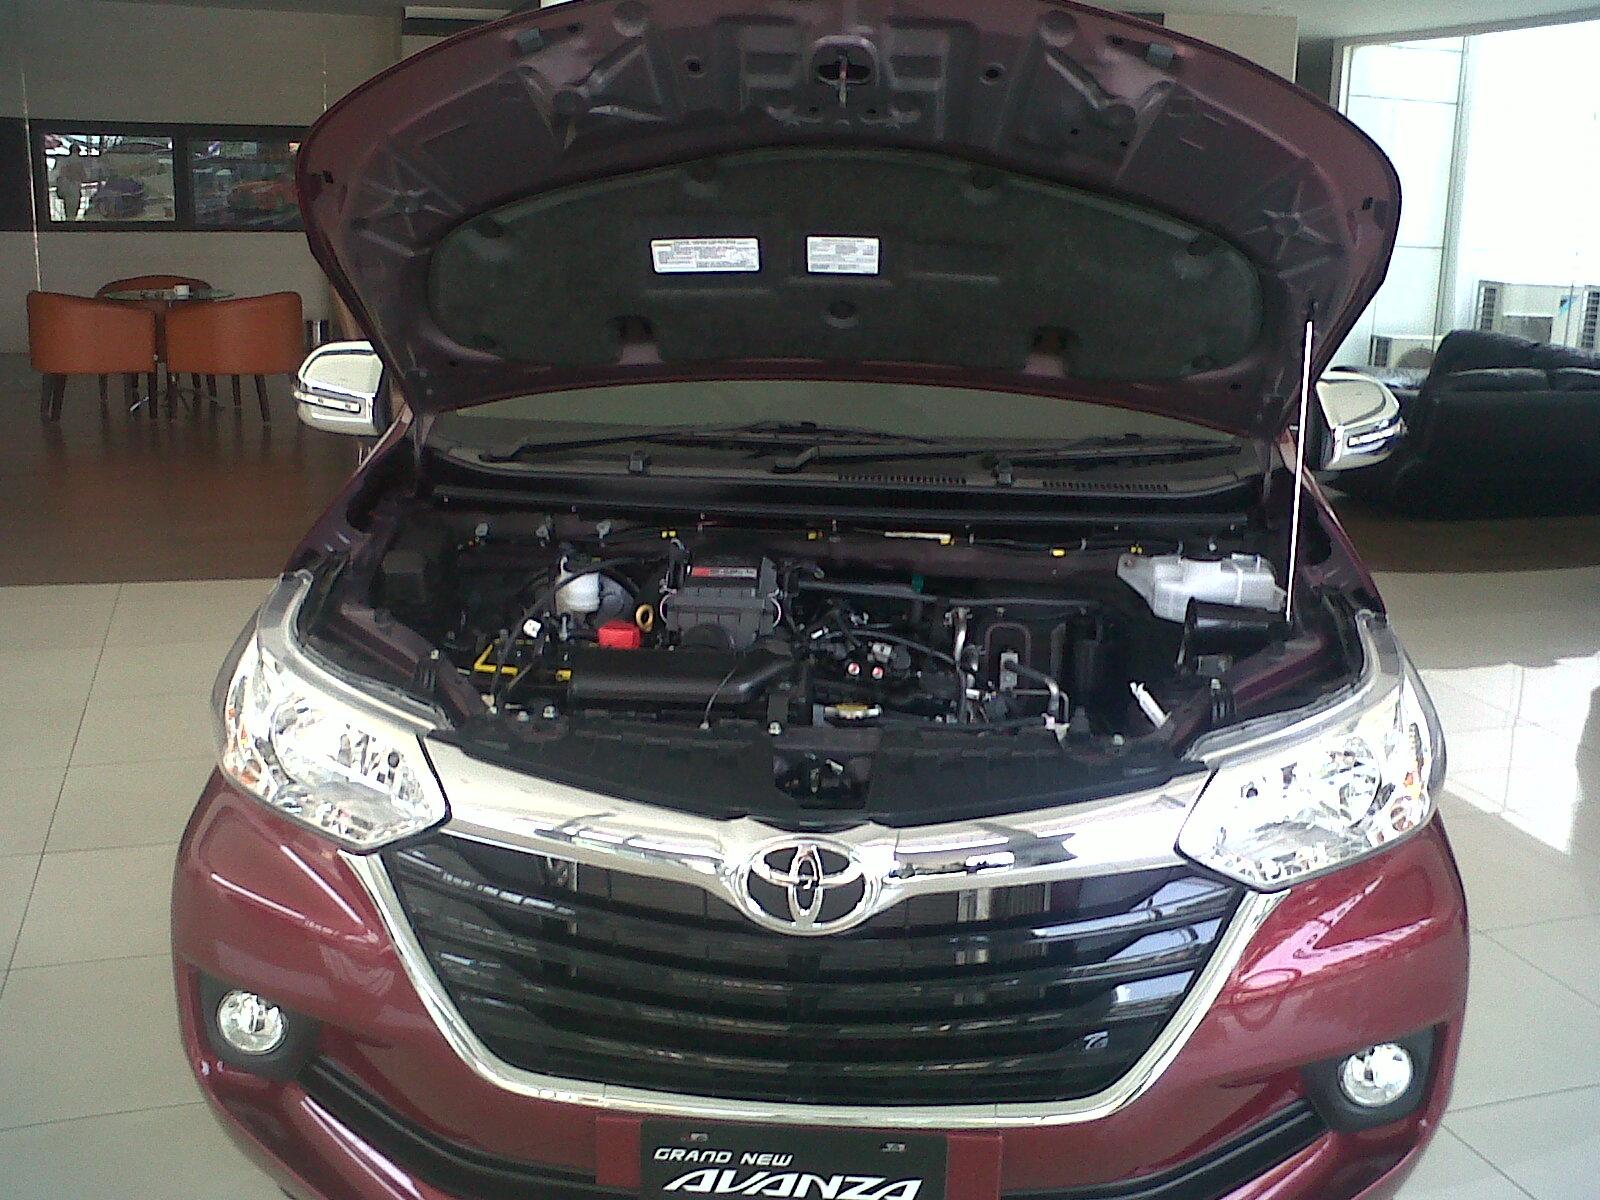 Grand New Avanza Tipe E Abs Pilihan Warna Toyota Cash Credit Or Trade In Type 1 3 G 5 Veloz Dan Kecuali Sudah Dilengkapi Sistem Pengereman Anti Lock Braking Proteksi